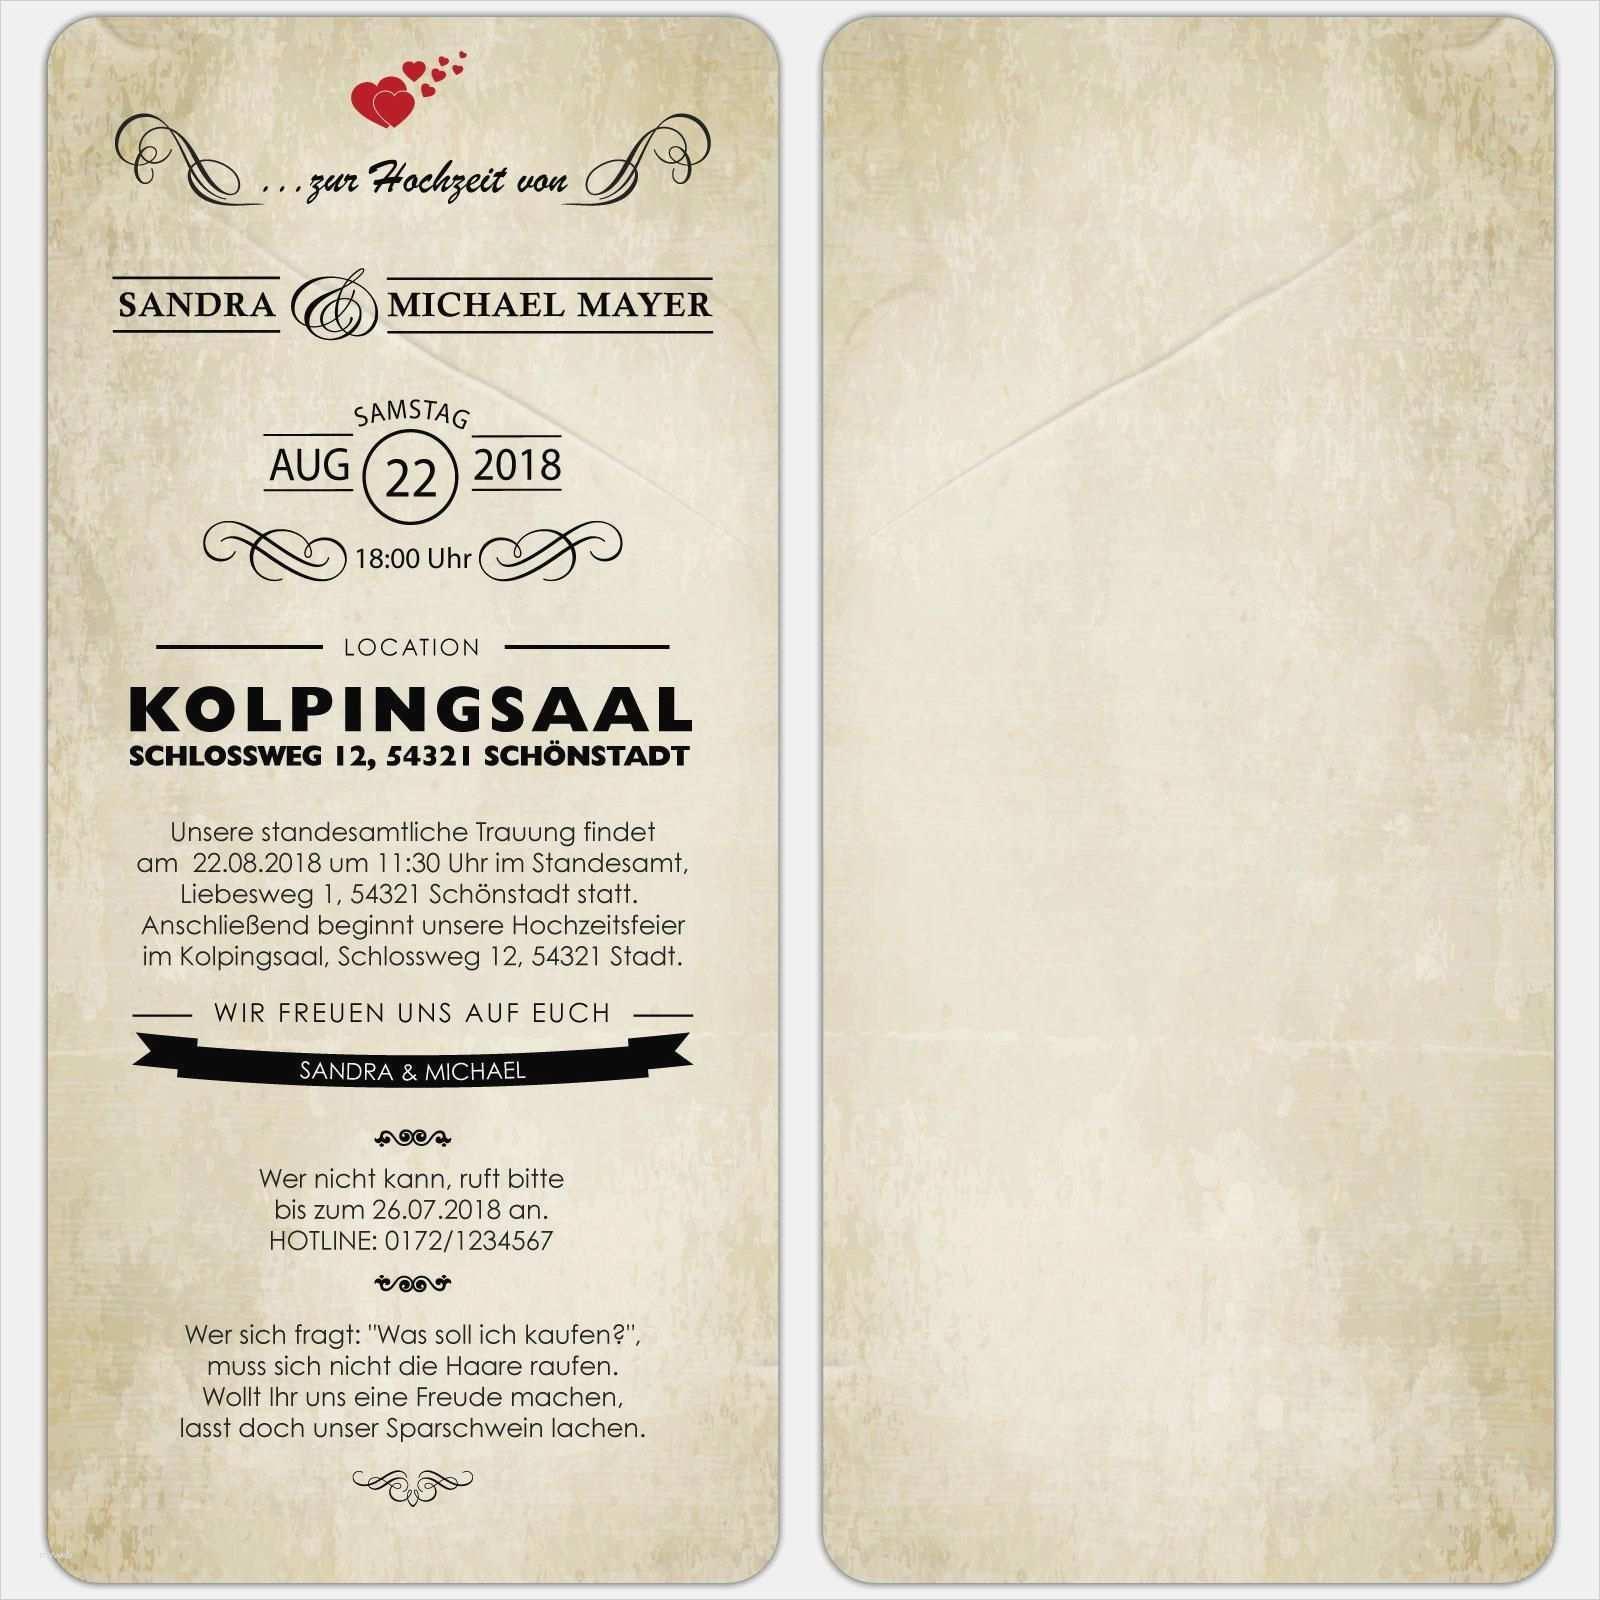 Text Einladung Hochzeit Englisch Text Einladung Hochzeit Einfach Text Einladung H Einladungskarten Hochzeit Text Einladungen Hochzeit Einladungskarten Hochzeit